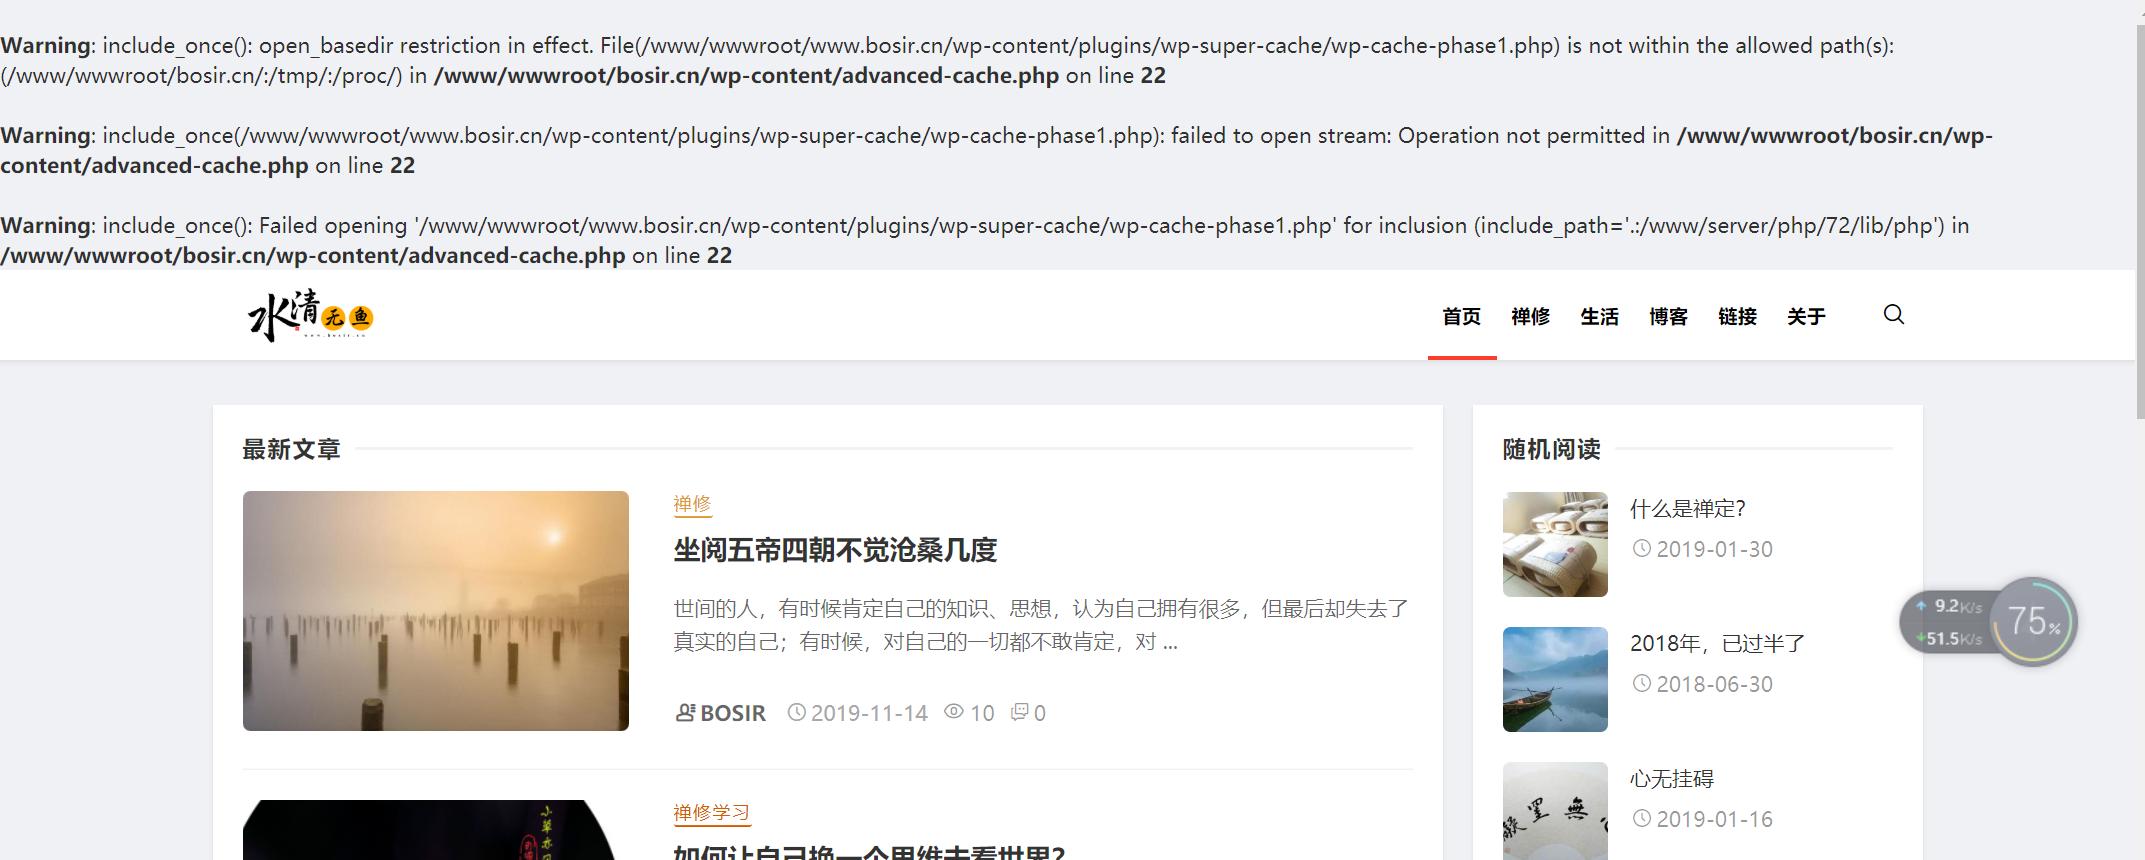 博客更新到5.3版本,并且出现了几个问题